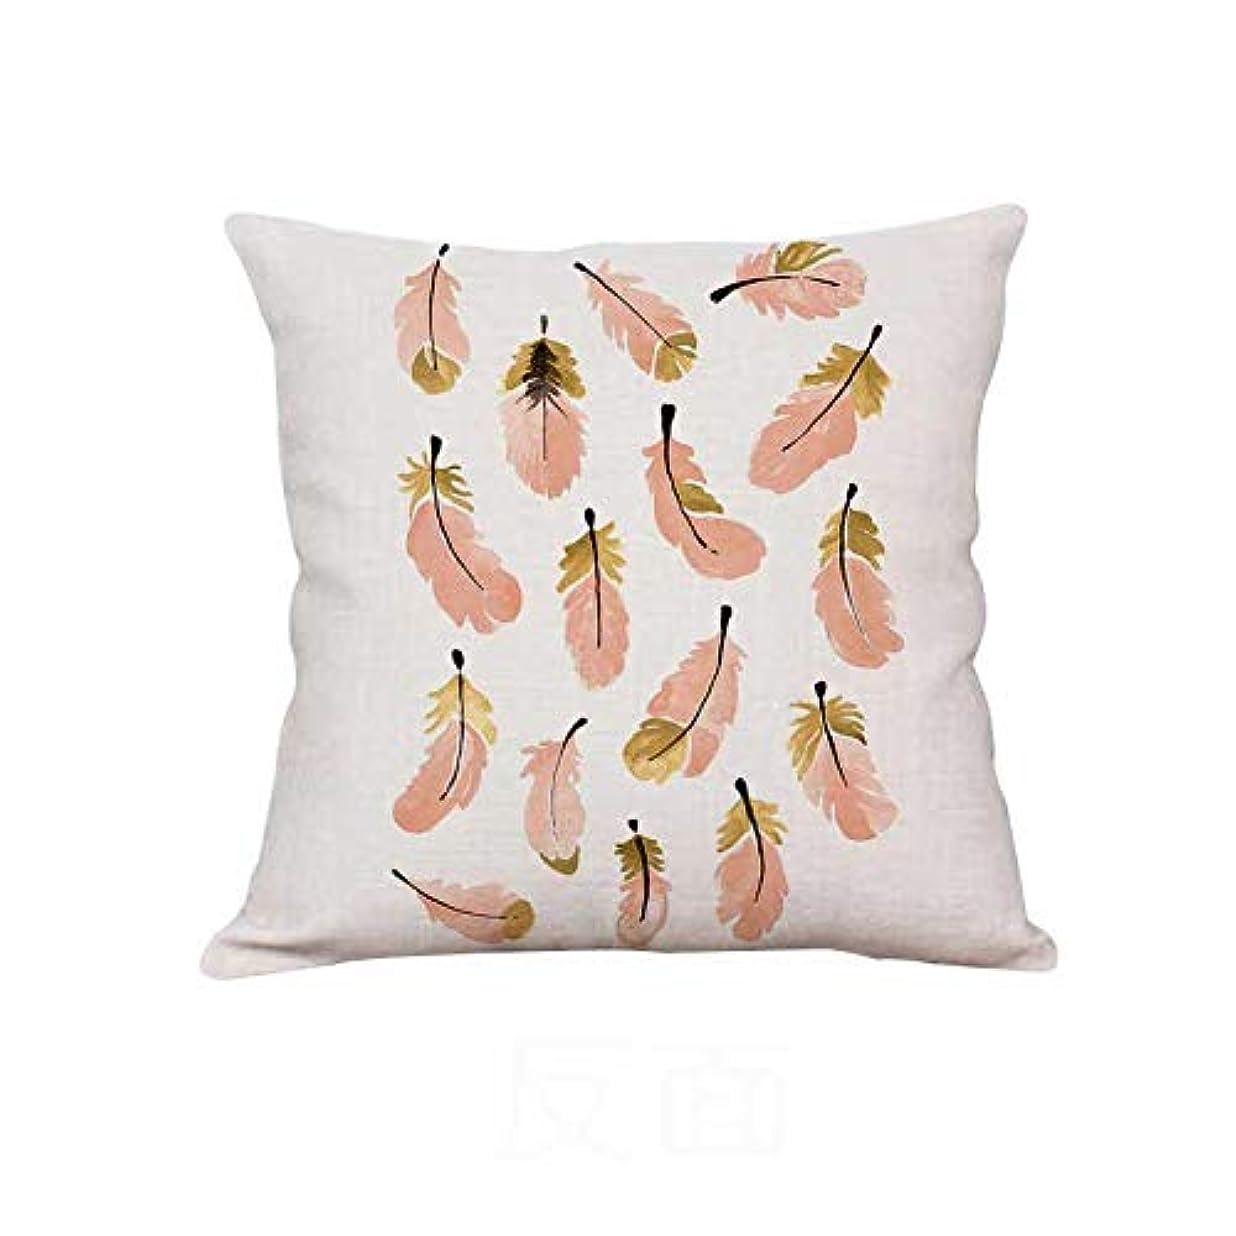 豊かな金曜日ふくろうLIFE 新しいぬいぐるみピンクフラミンゴクッションガチョウの羽風船幾何北欧家の装飾ソファスロー枕用女の子ルーム装飾 クッション 椅子